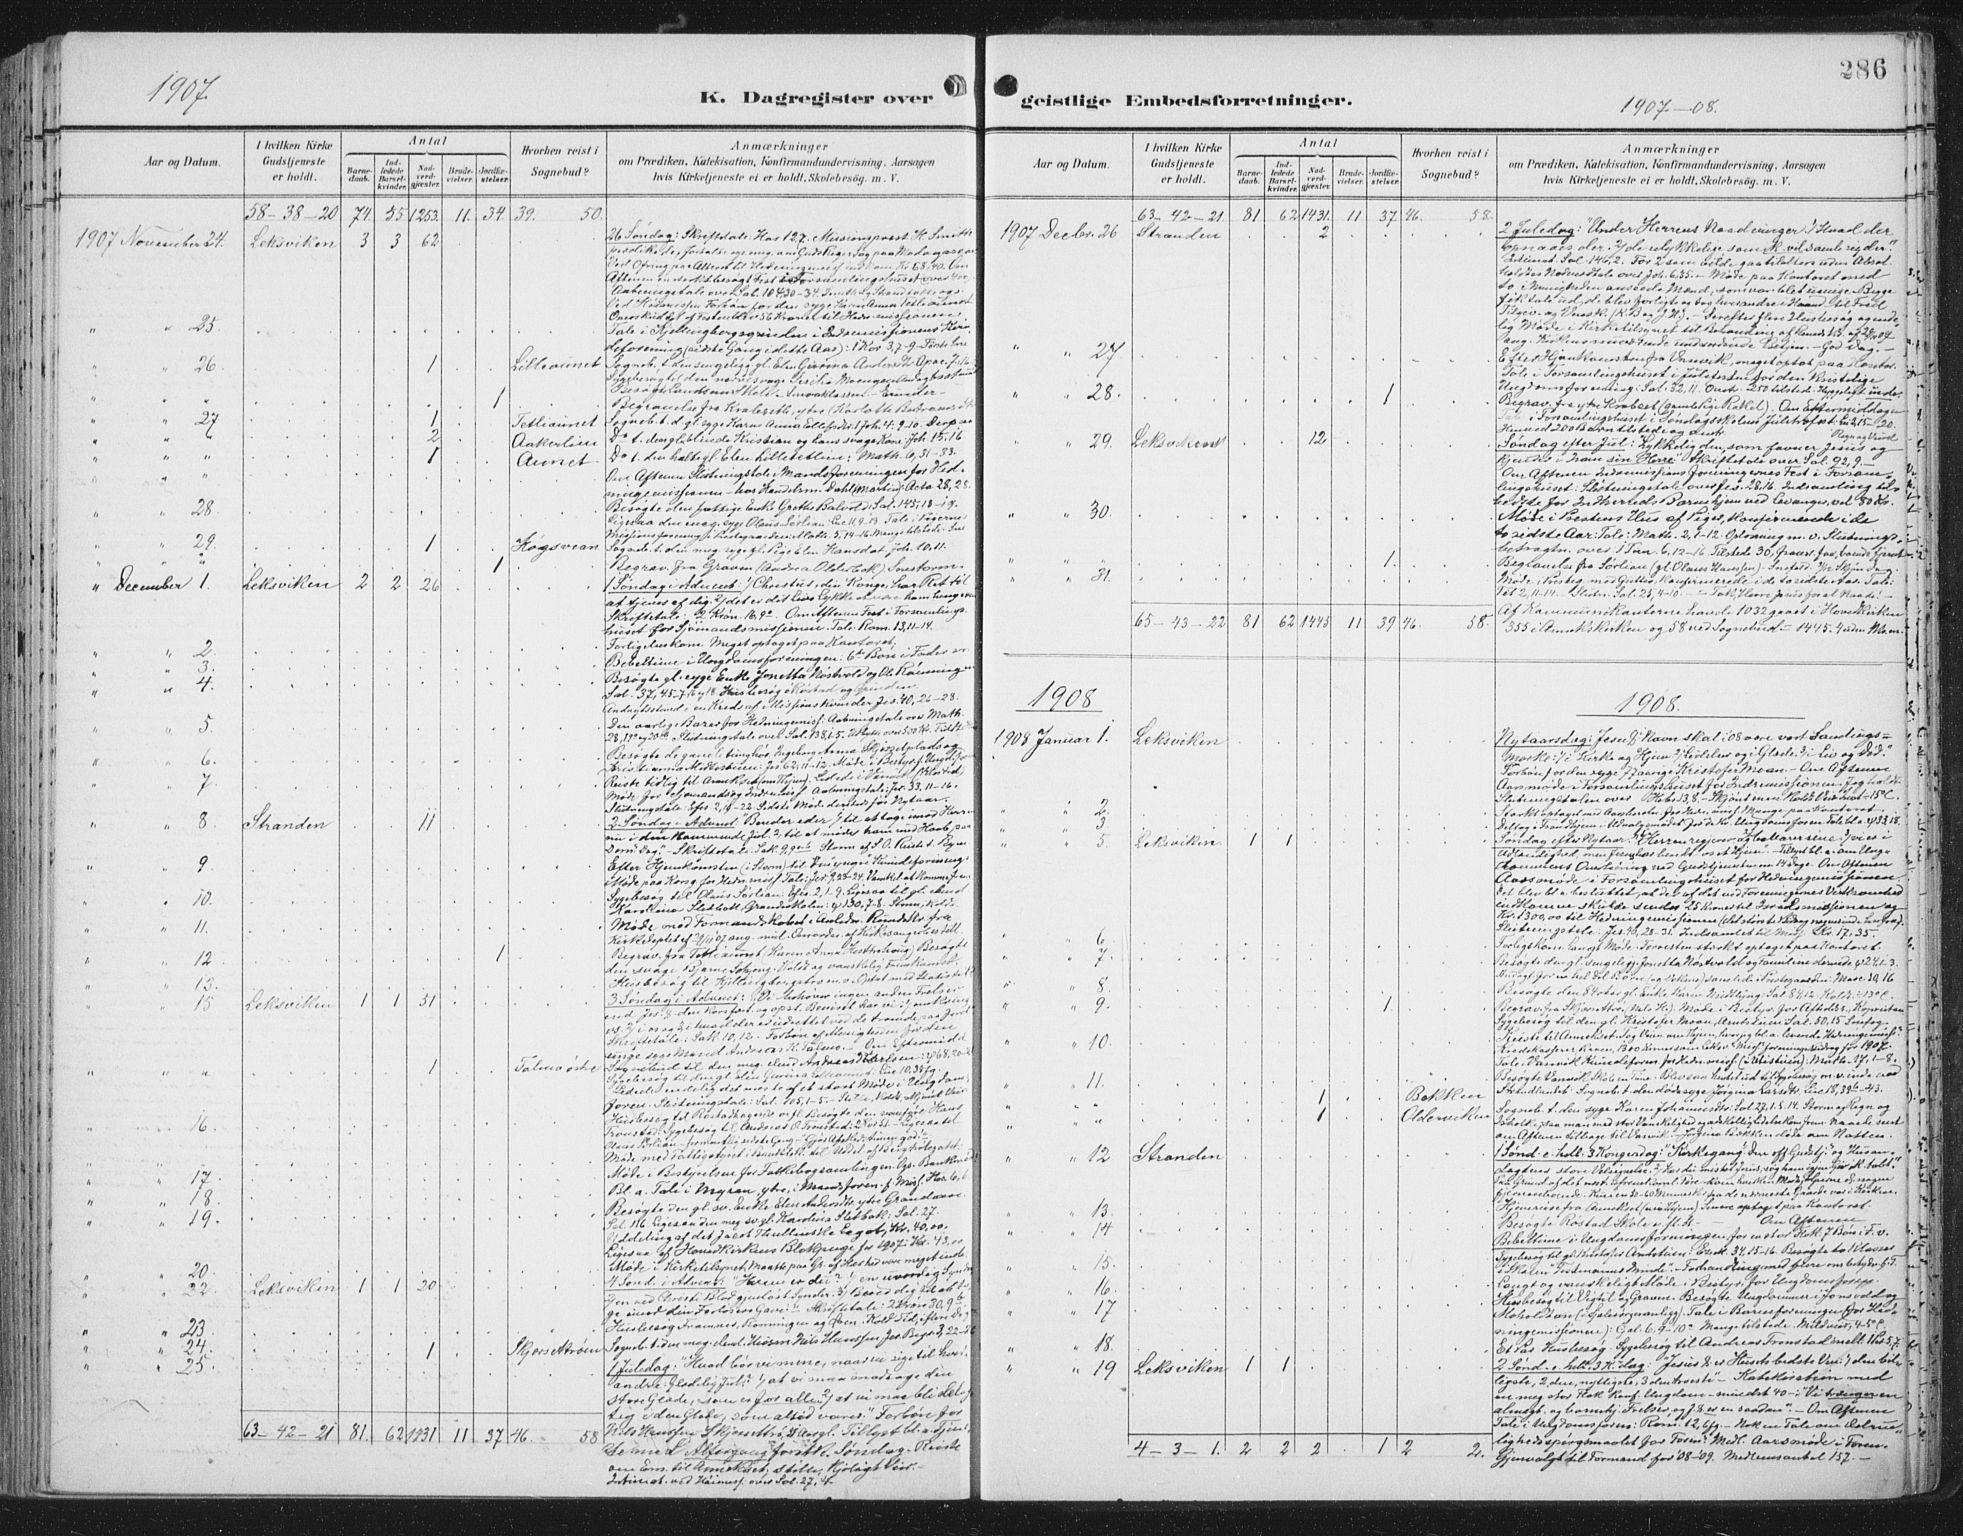 SAT, Ministerialprotokoller, klokkerbøker og fødselsregistre - Nord-Trøndelag, 701/L0011: Ministerialbok nr. 701A11, 1899-1915, s. 286